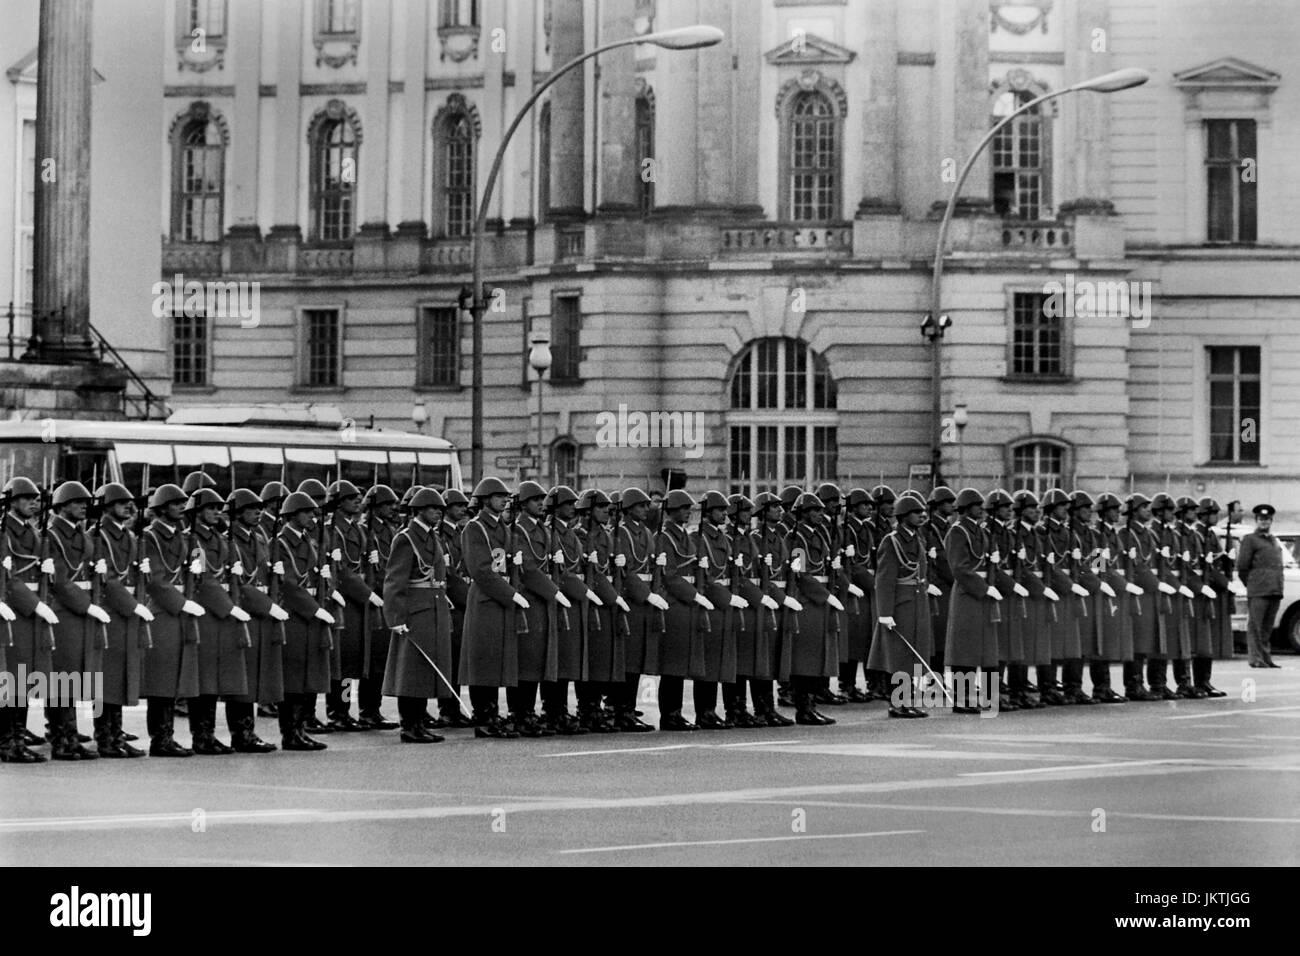 Il NVA, Nazionale Esercito del popolo della Repubblica democratica tedesca, Deutsche Demokratische Republik, cerimonia Foto Stock